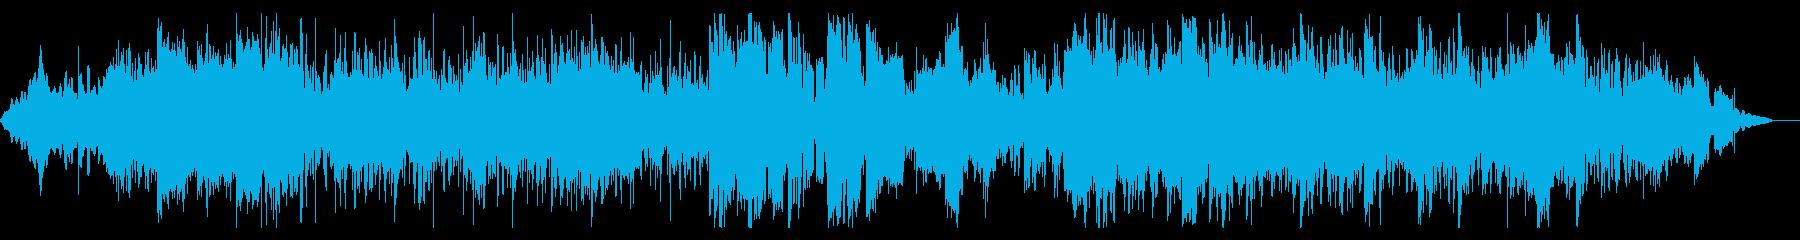 グリッジの効いたサスペンシブなビートの再生済みの波形